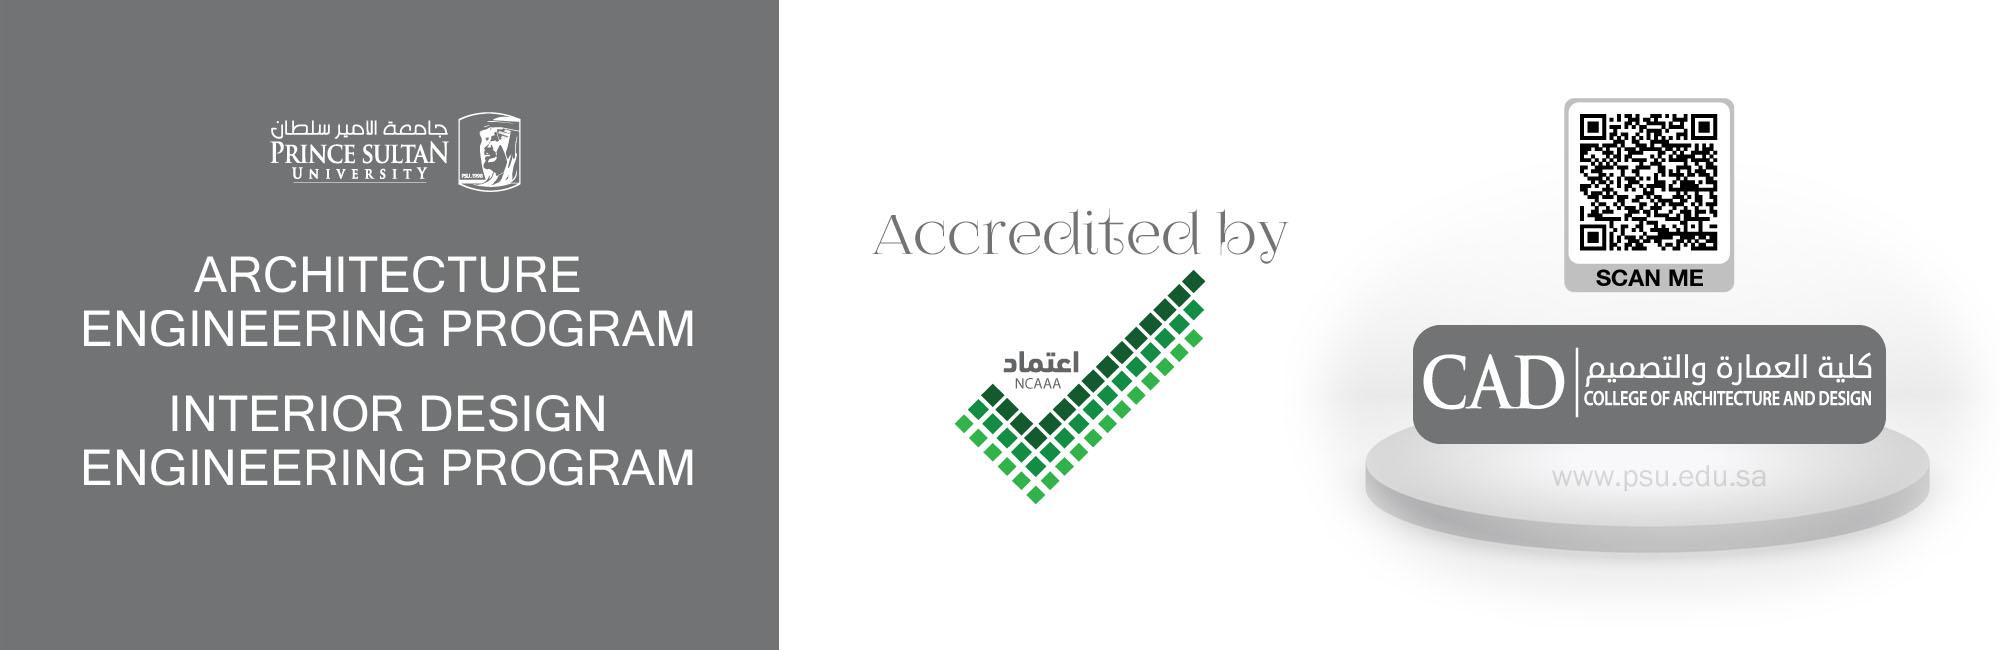 College of Architecture & Design Accreditation